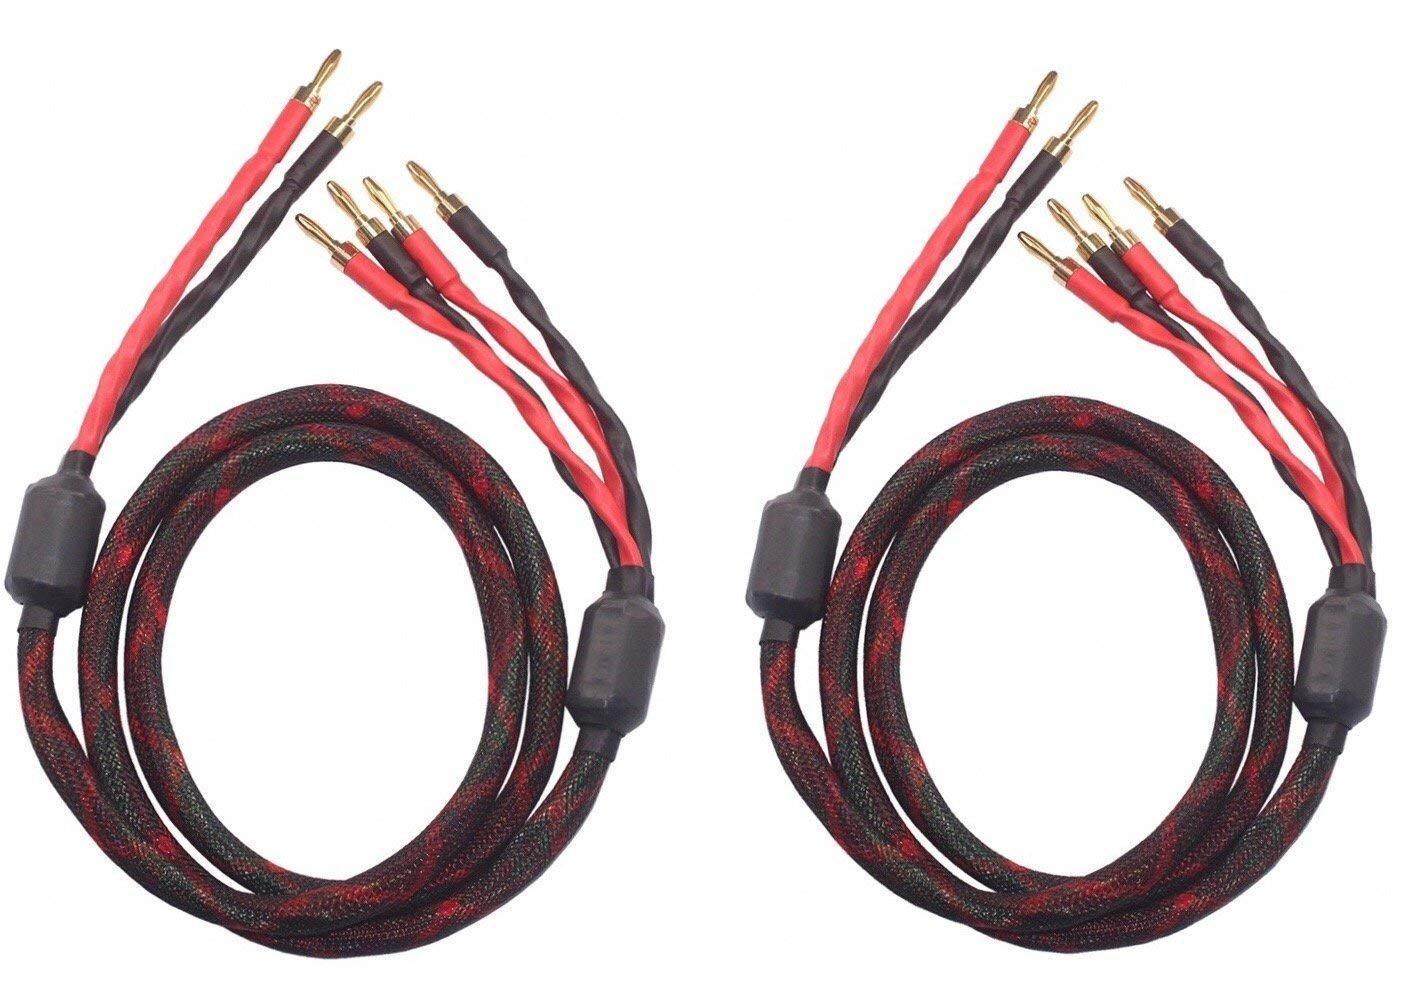 最安値に挑戦! k4b-2b bi-wireスピーカーケーブル(2バナナプラグ 5M(16.4ft) – 4バナナプラグ)、1ペアセット(合計12bananaプラグ) k4b-2b –、k4b-2b 5M(16.4ft) B07FQ98QLX 5M(16.4ft), 東京ガーデニングスタイル:c629e776 --- specialcharacter.co